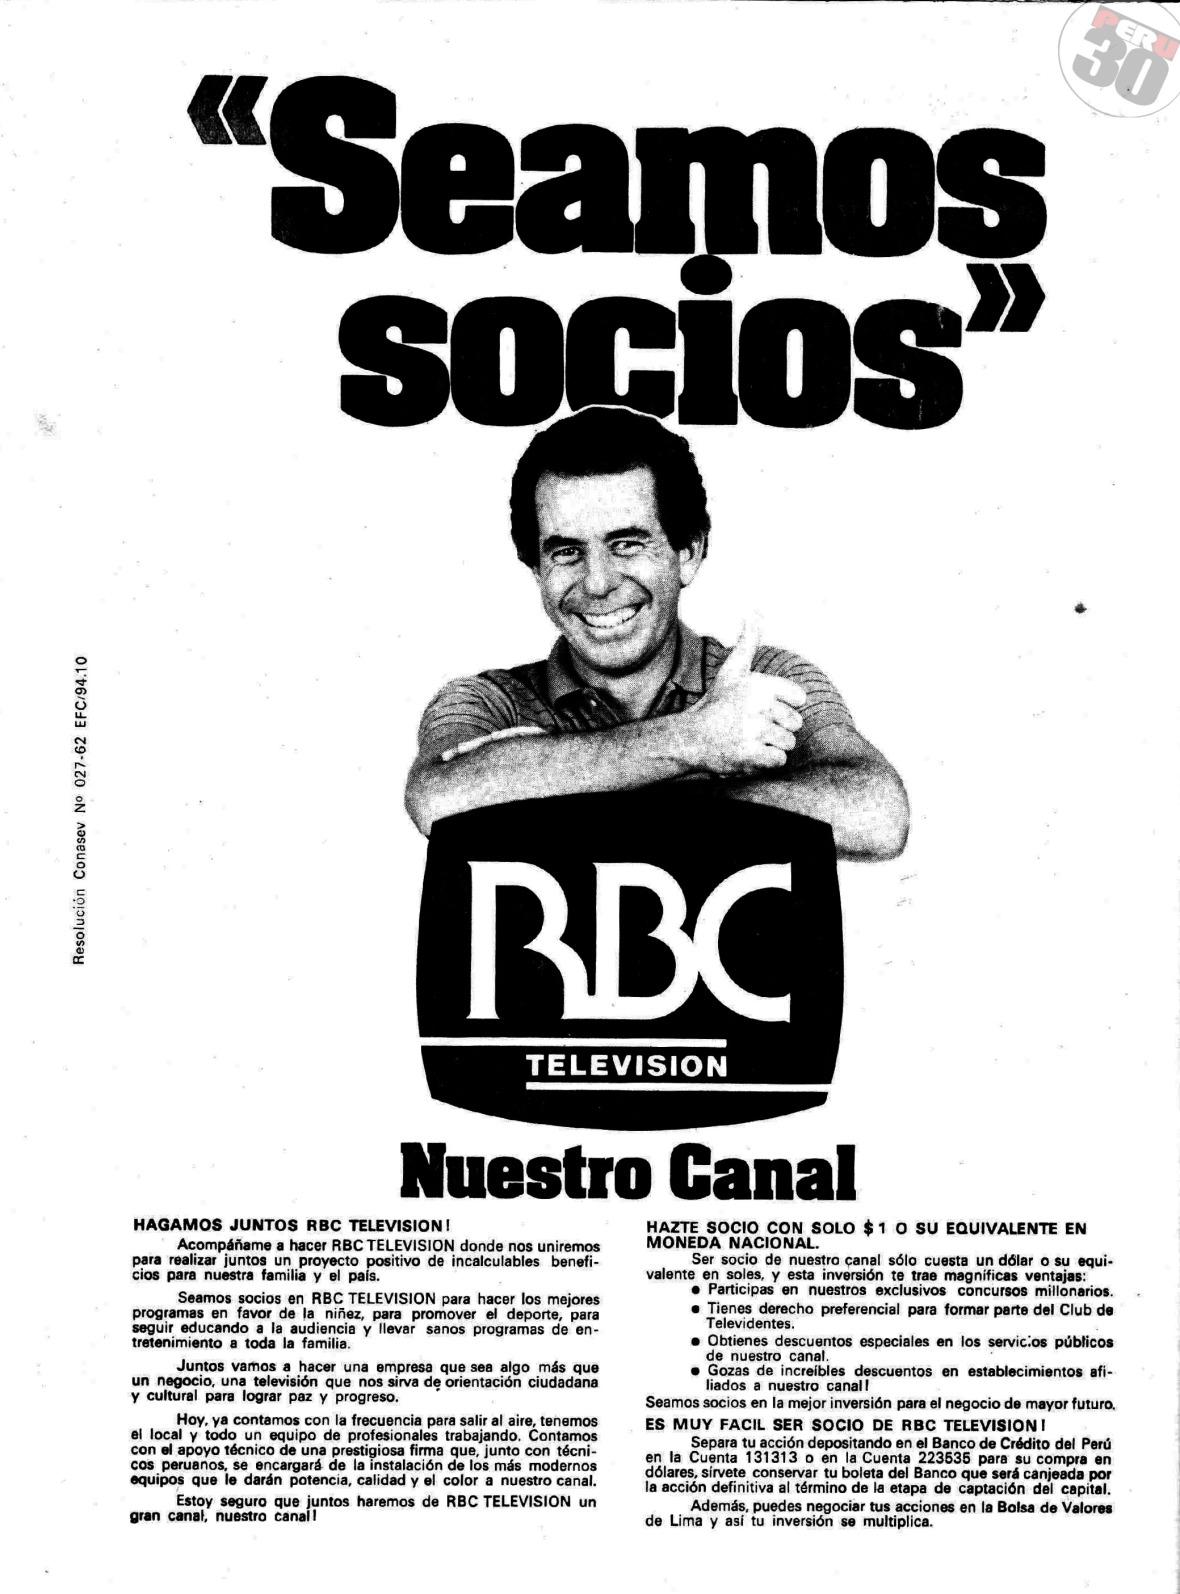 Financiamiento del canal RBC, ¿fue o no un timo?